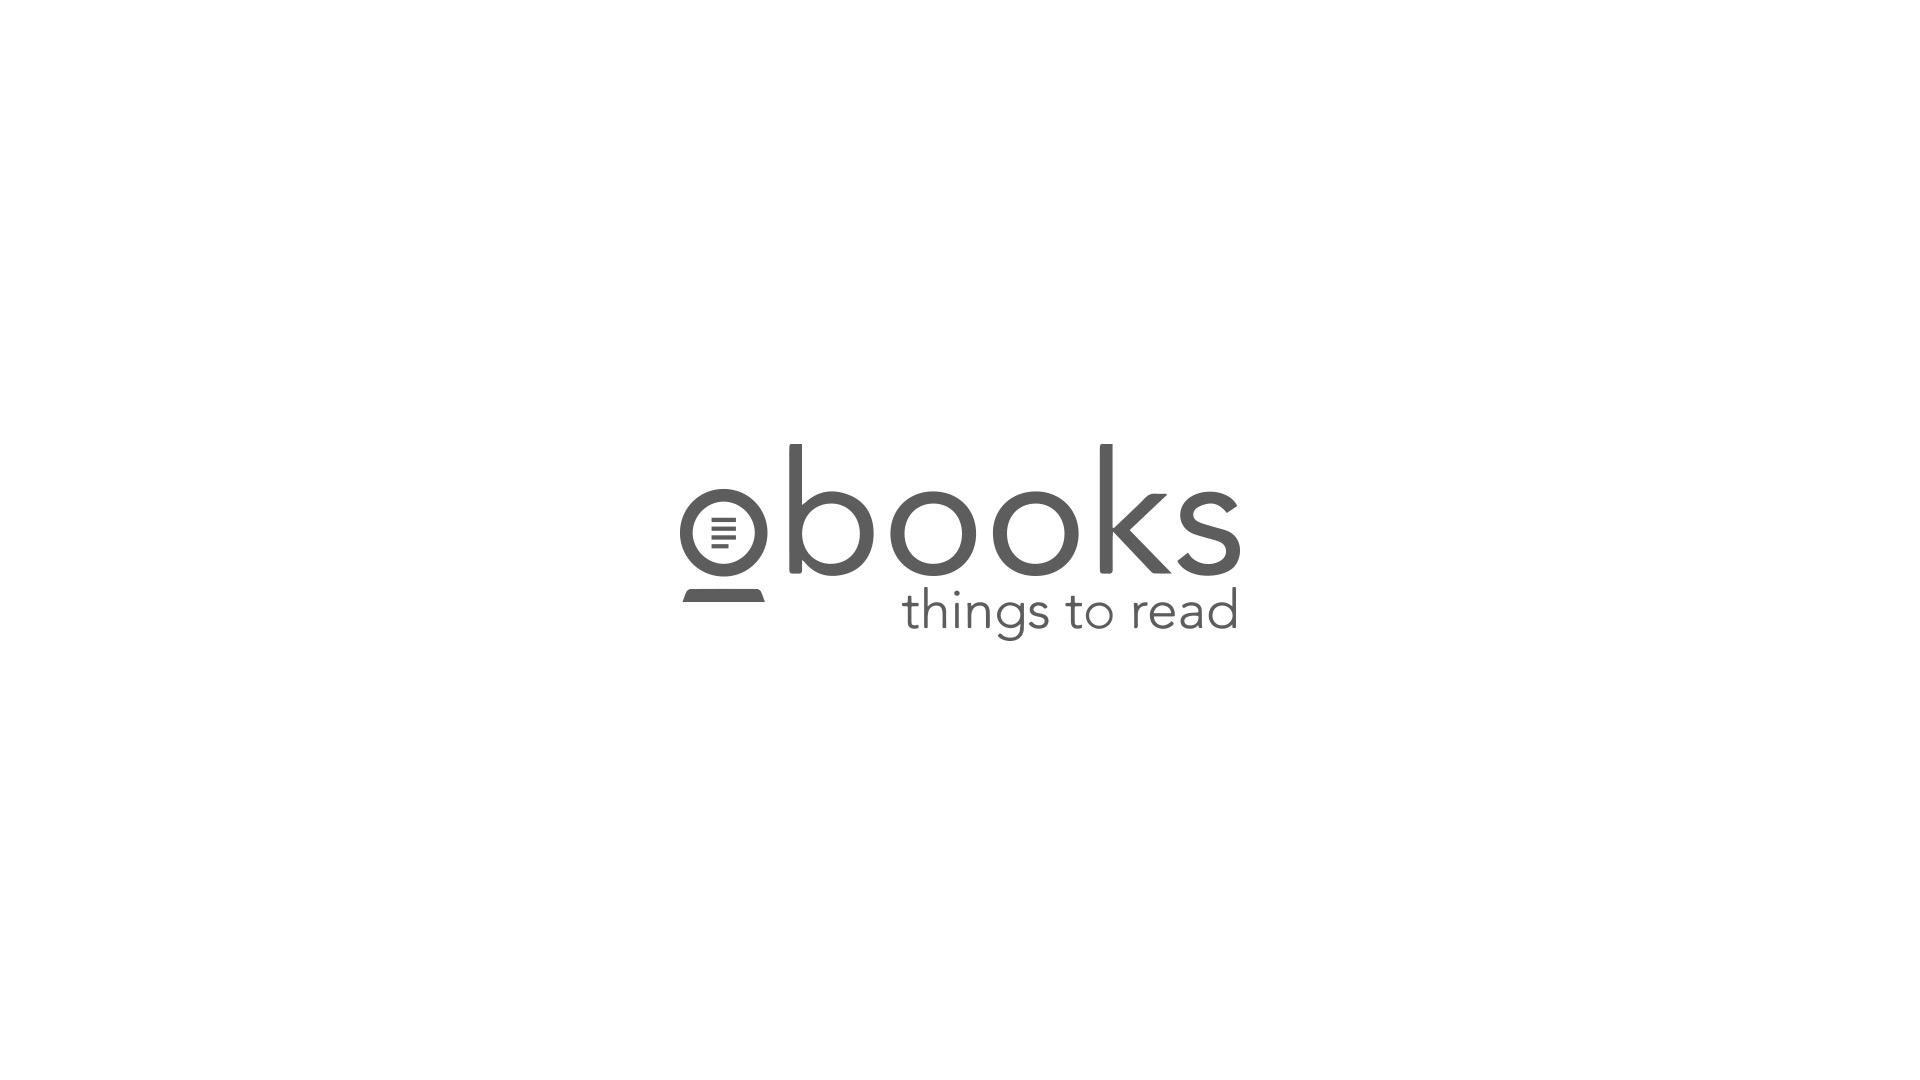 Obooks_H.jpg